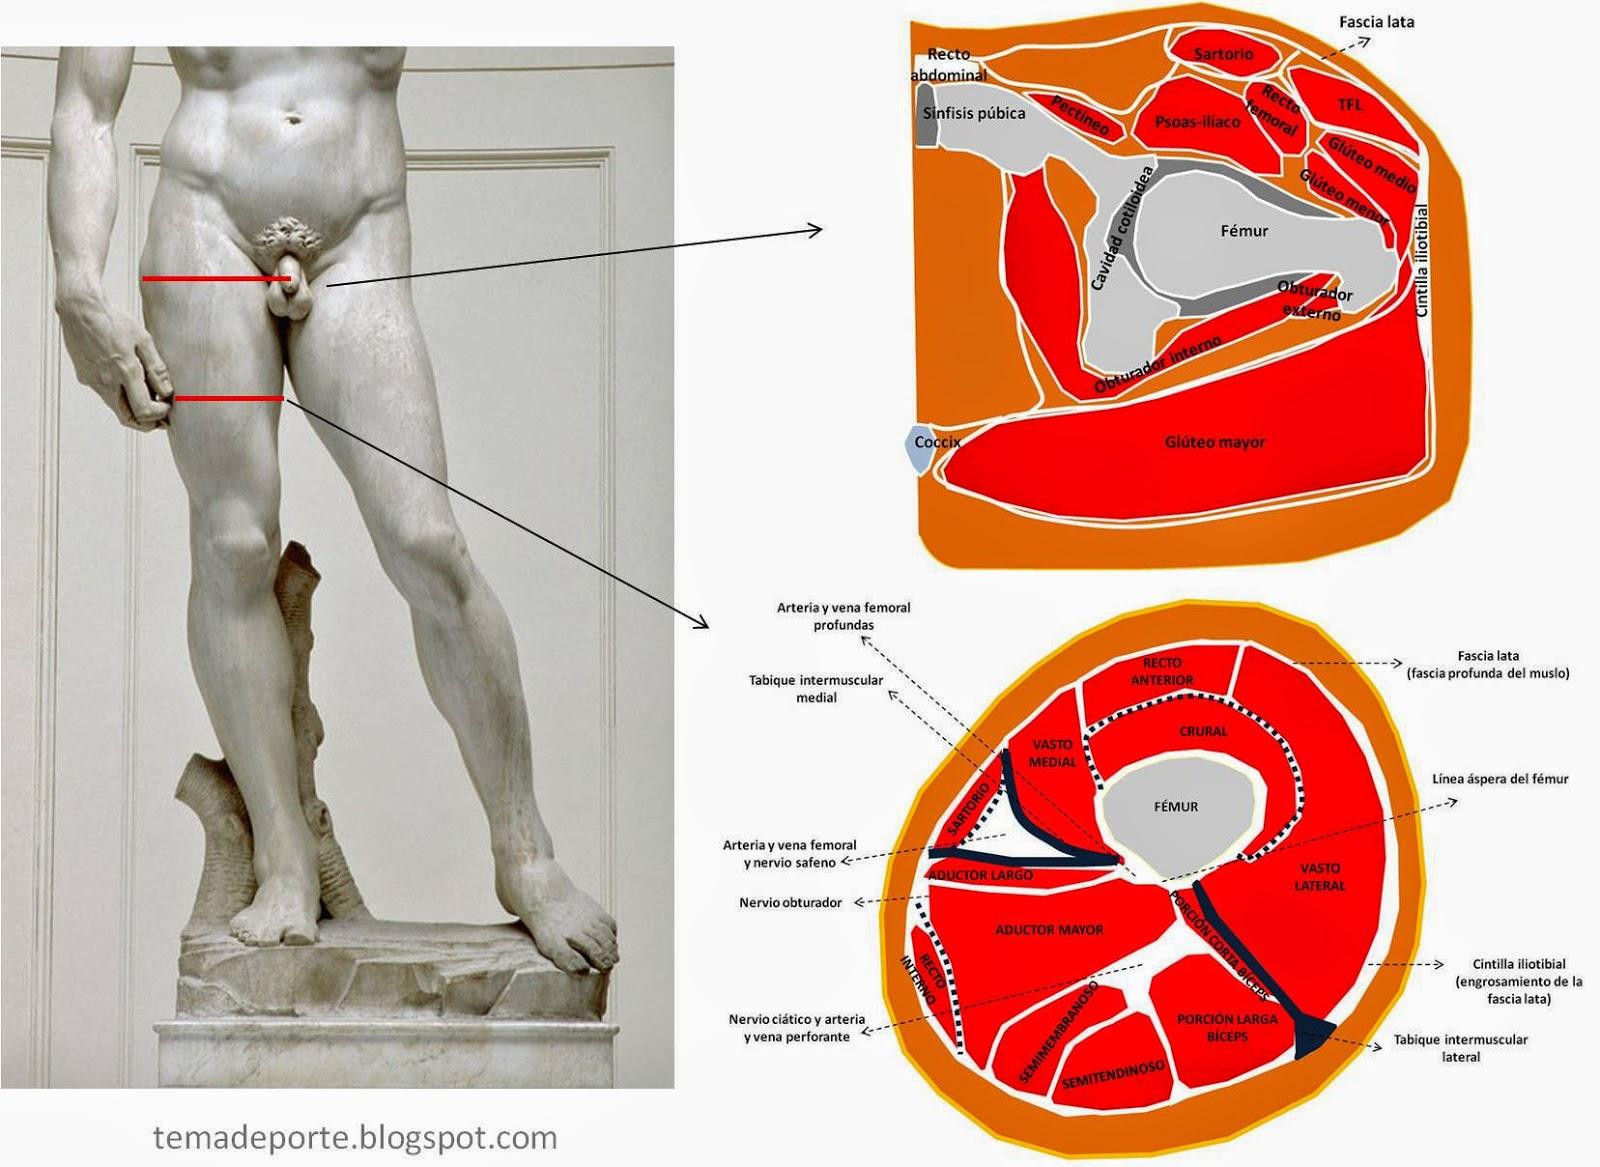 Lujo Mri Anatomía Del Muslo Fotos - Imágenes de Anatomía Humana ...